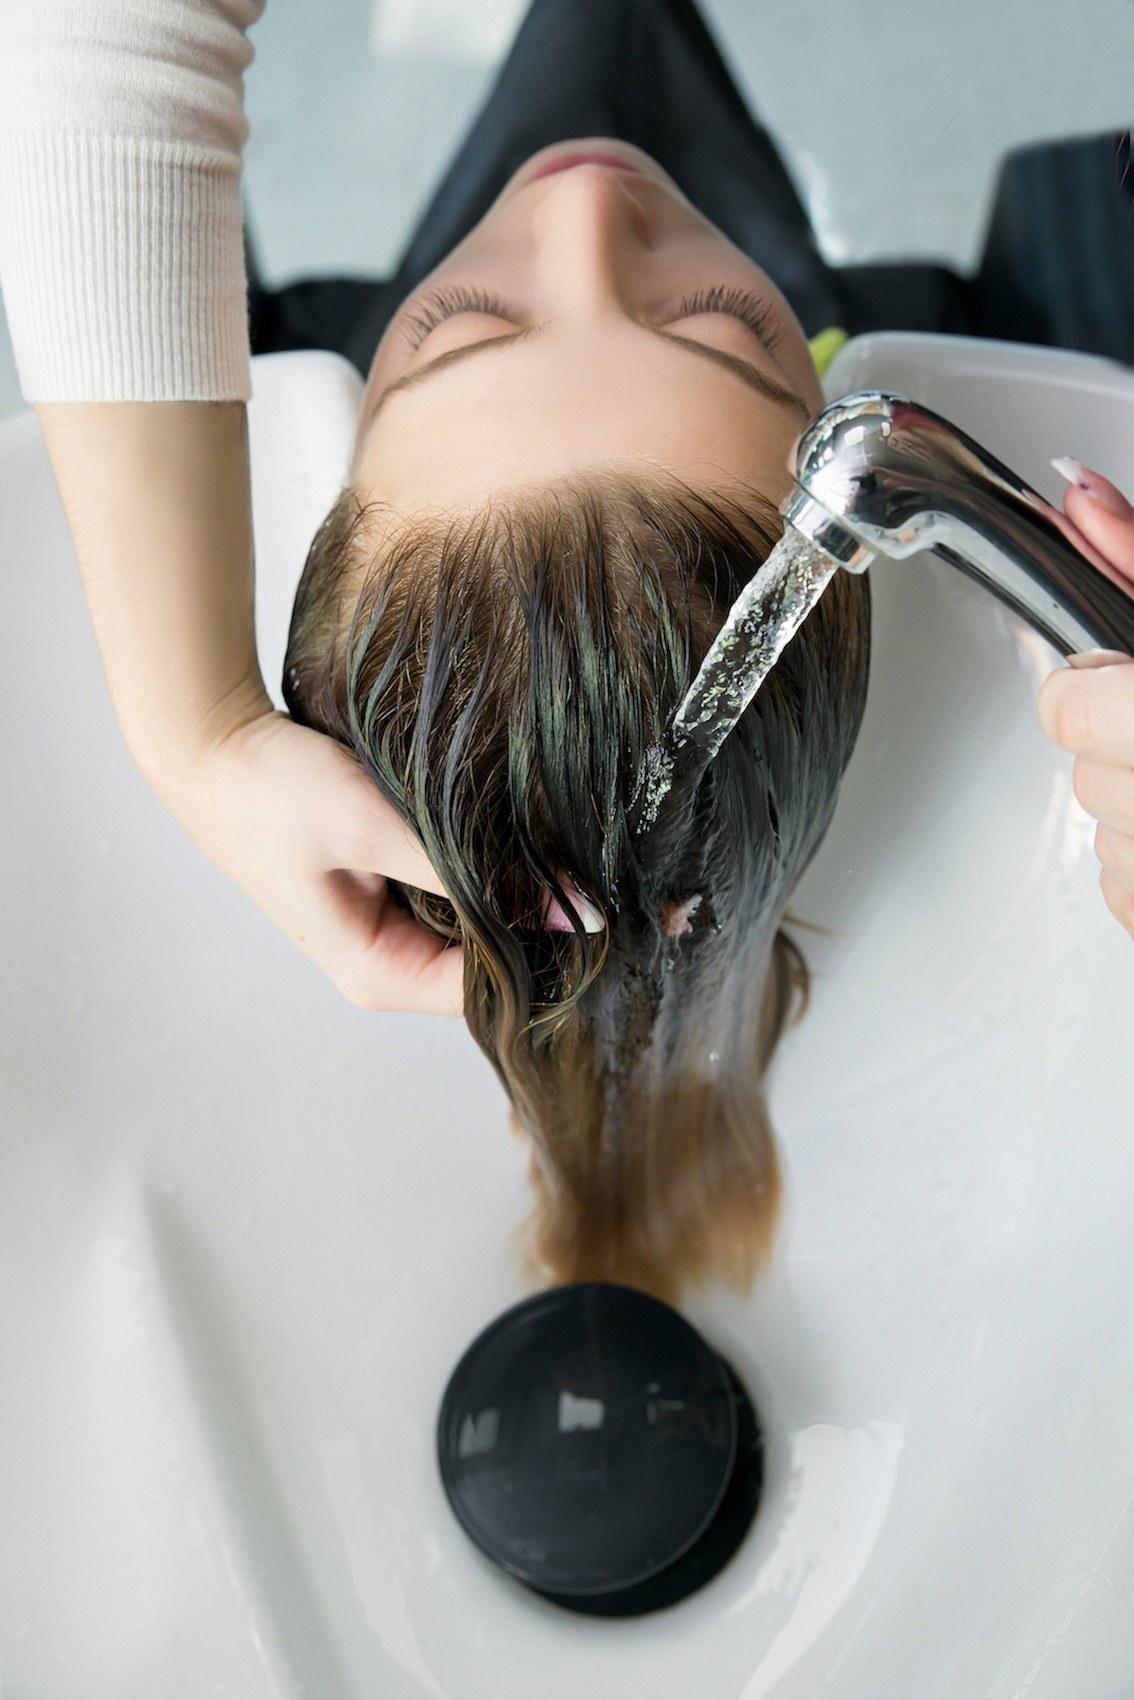 Wanita kaukasia dengan warna rambut cokelat kehijauan keramas dengan air mengalir